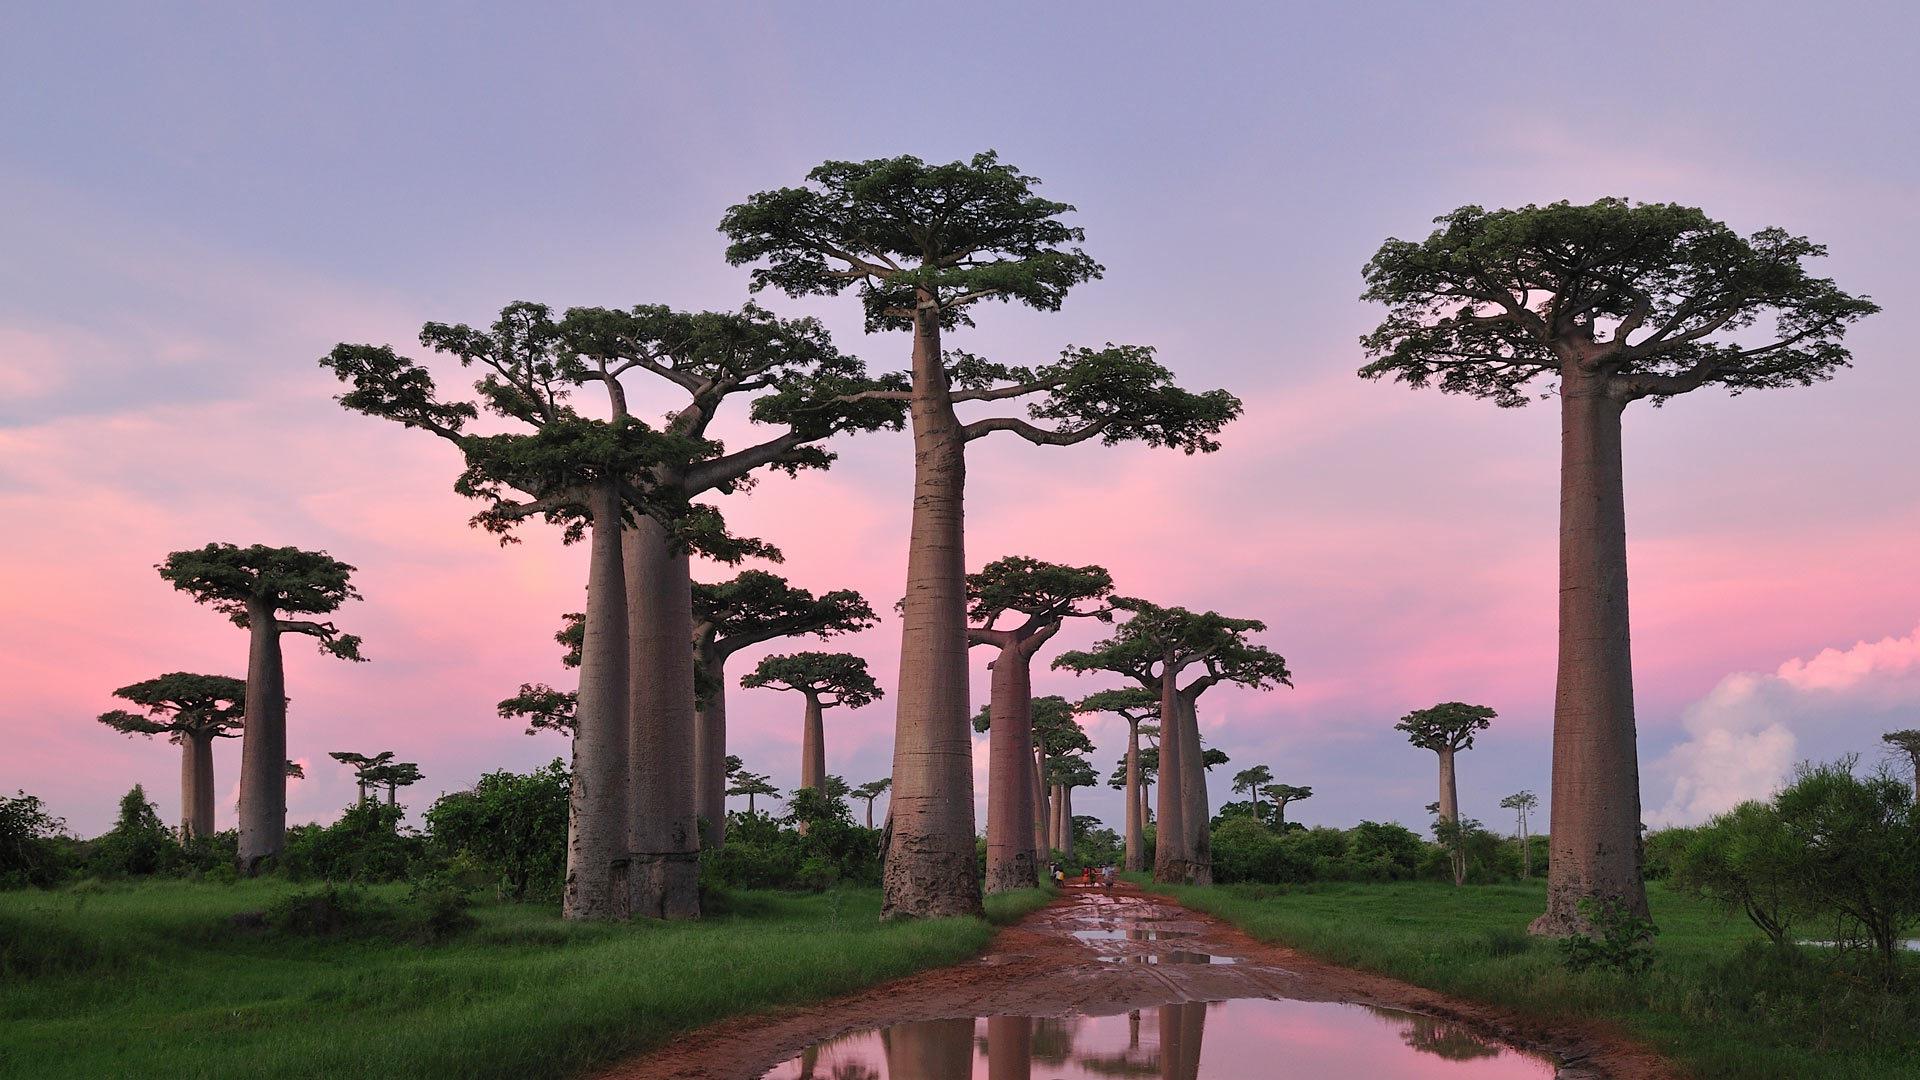 穆龙达瓦附近的格兰迪尔猴面包树林,马达加斯加